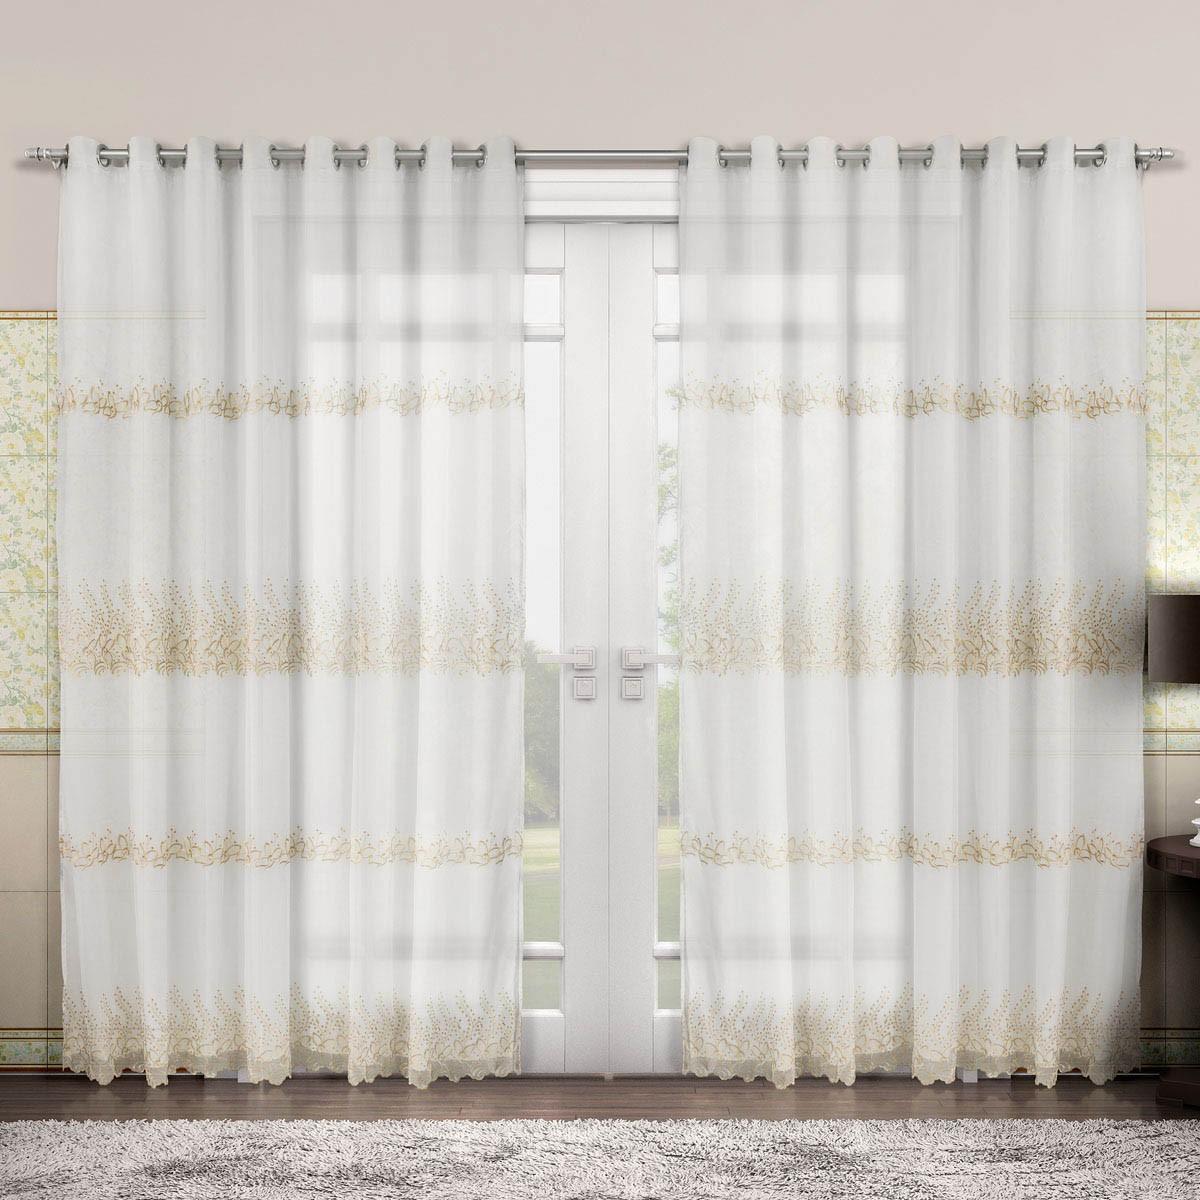 Cortina Voil Bordado - Renascença - Ouro - 4,00m x 2,50m - P/ Varão - Adomes